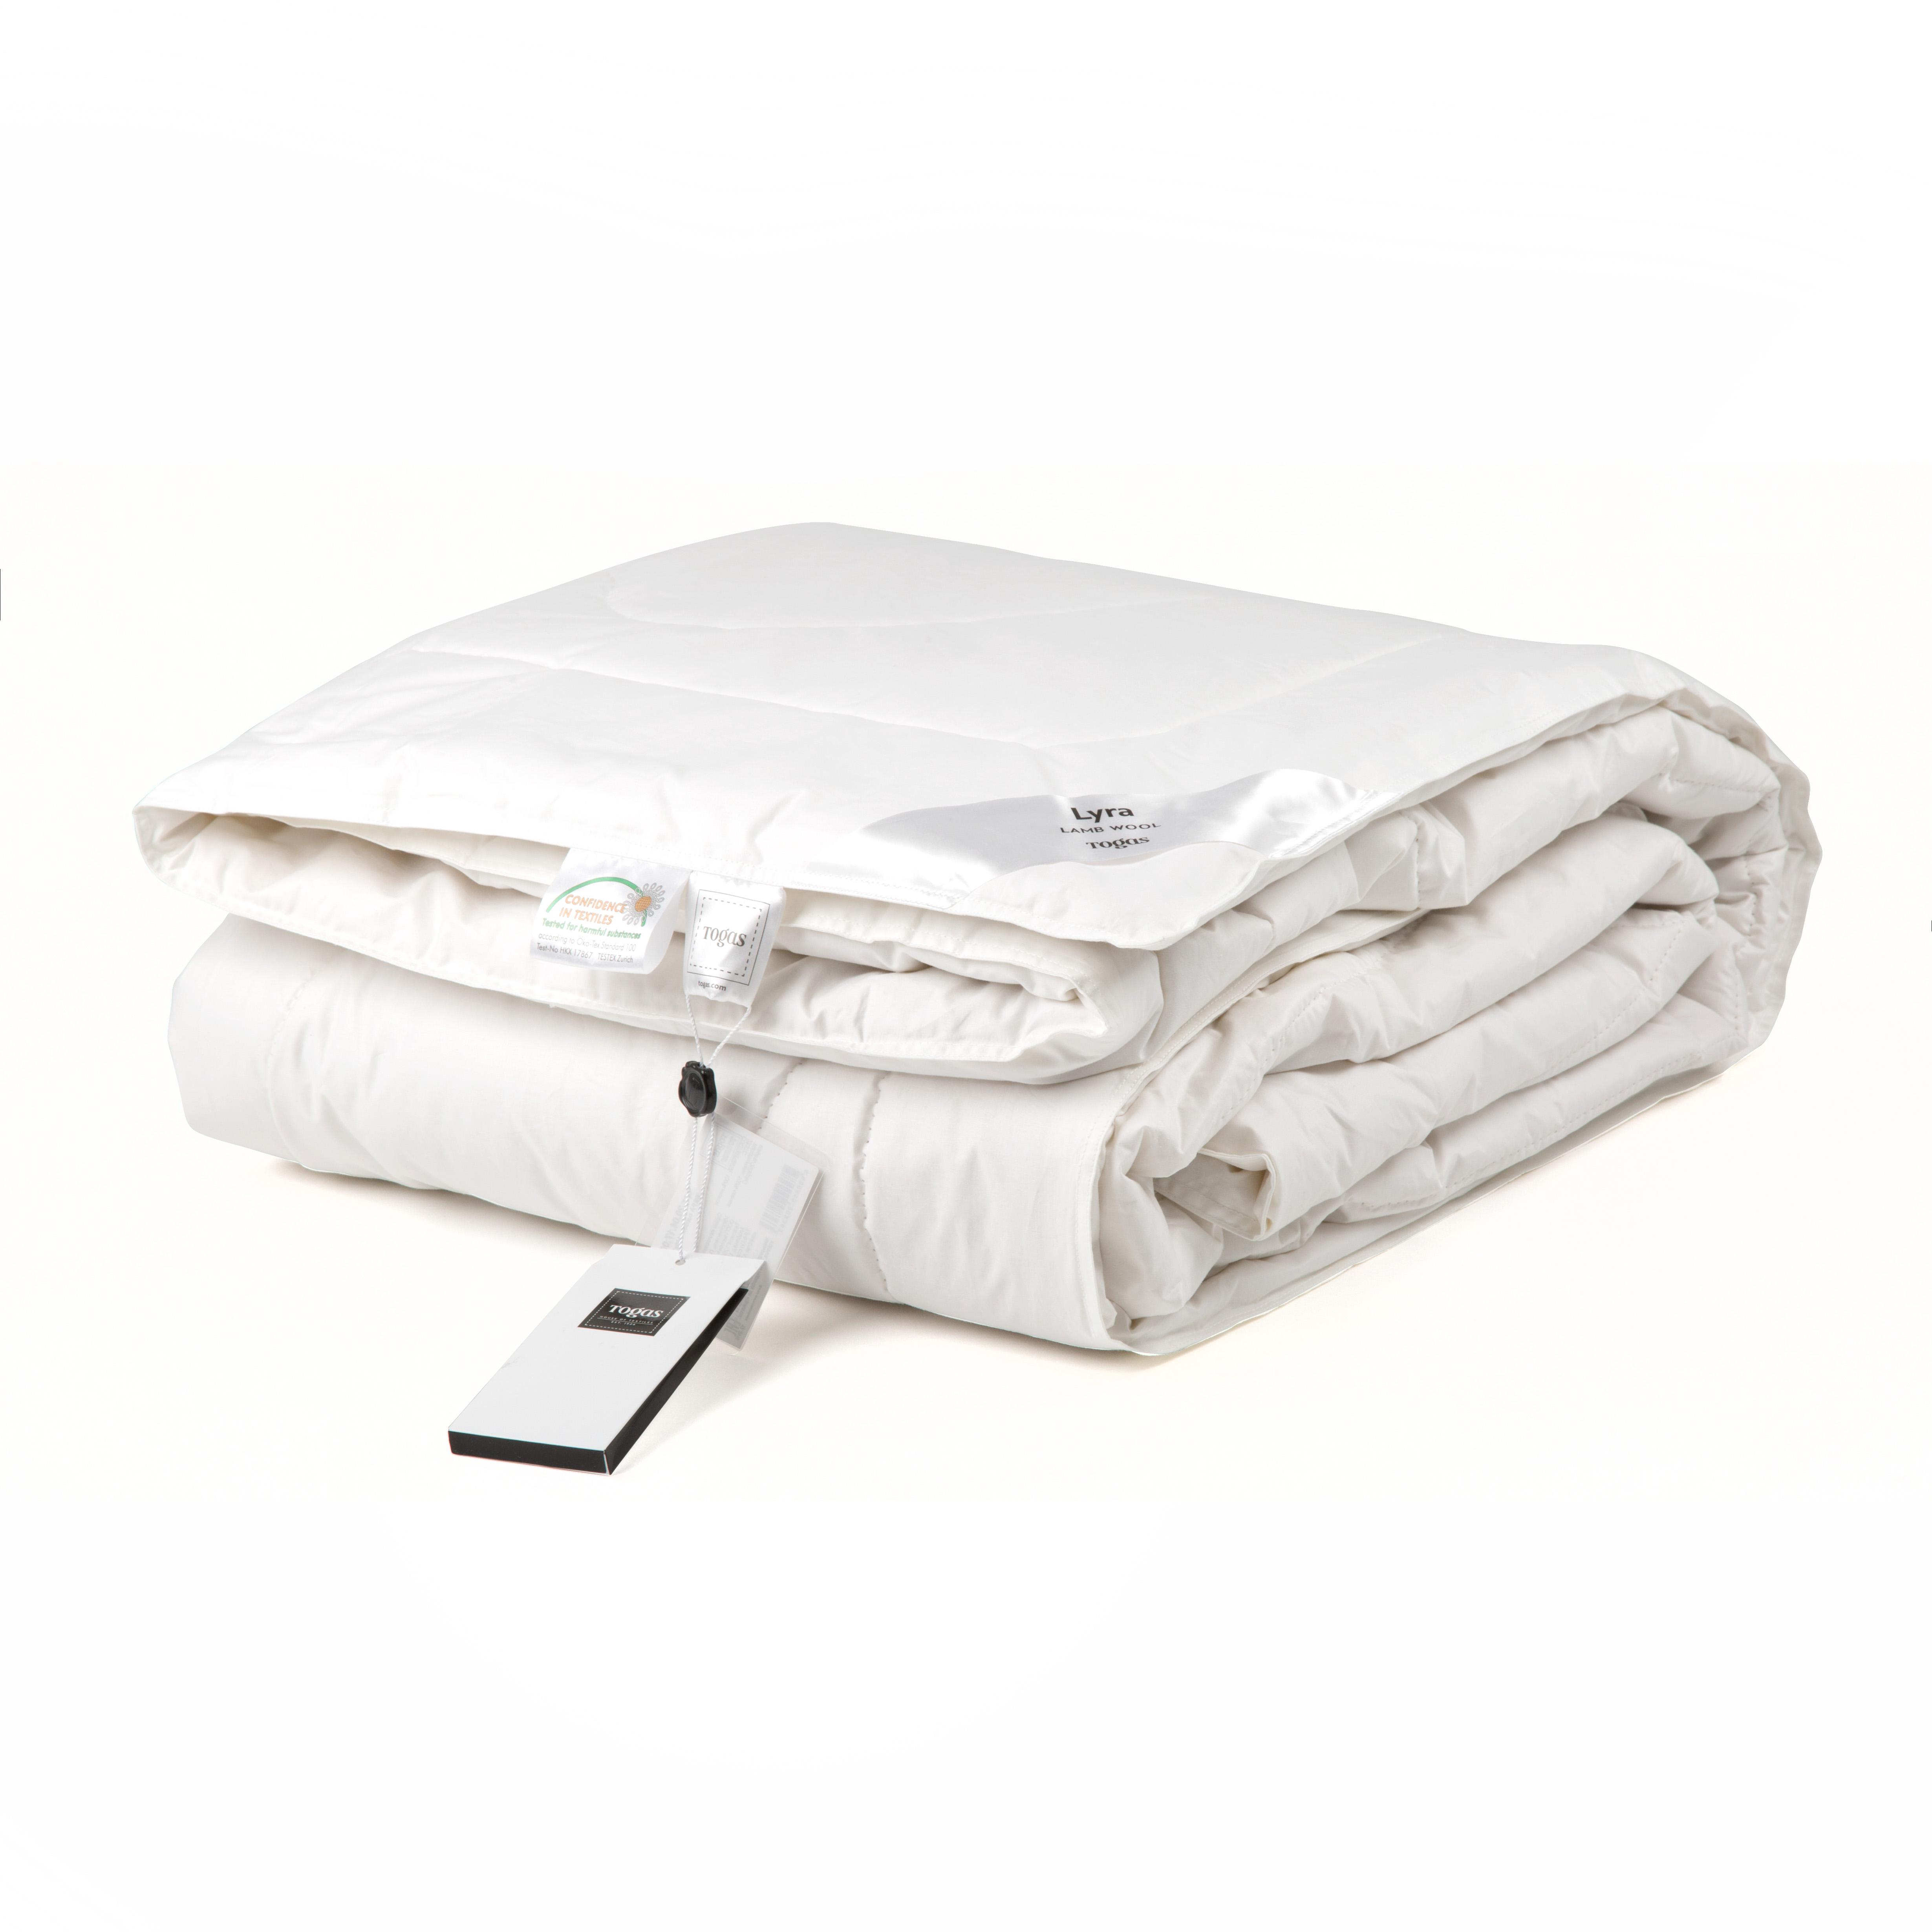 Одеяла Togas Одеяло Лира (200х210 см) одеяла togas одеяло гелиос 220х240 см